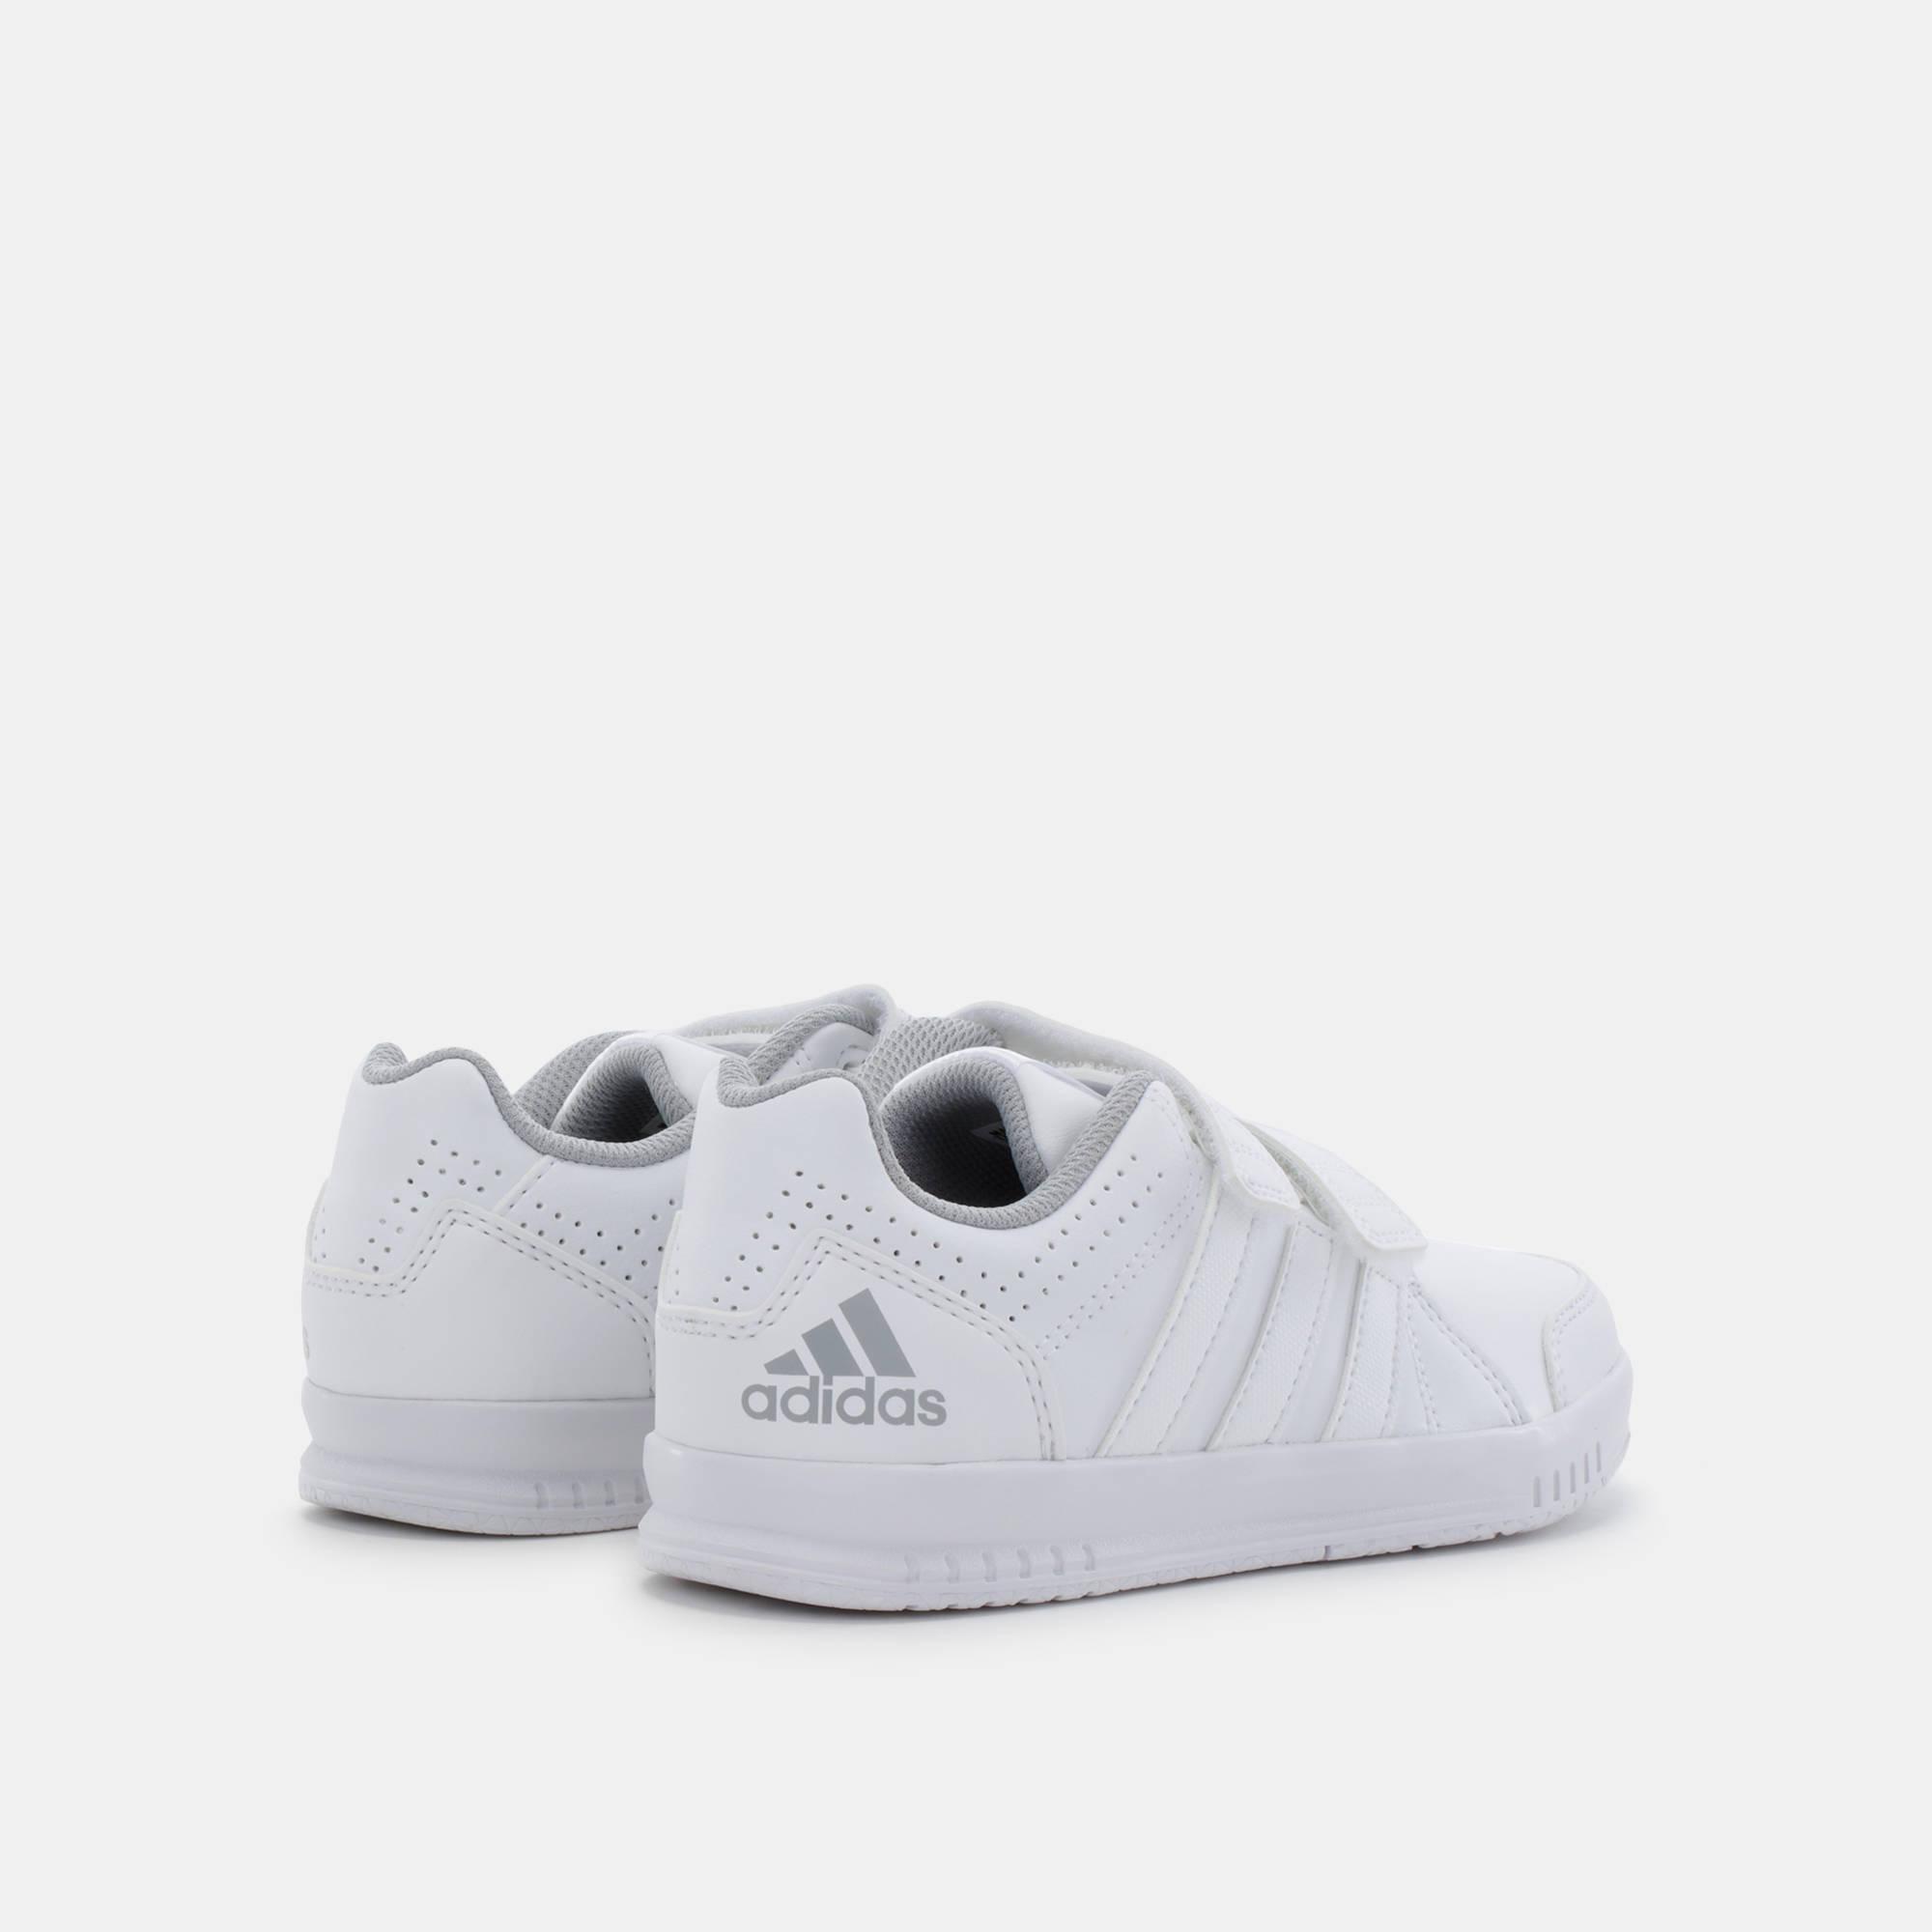 صور جزم اديداس , احذية على الموضة